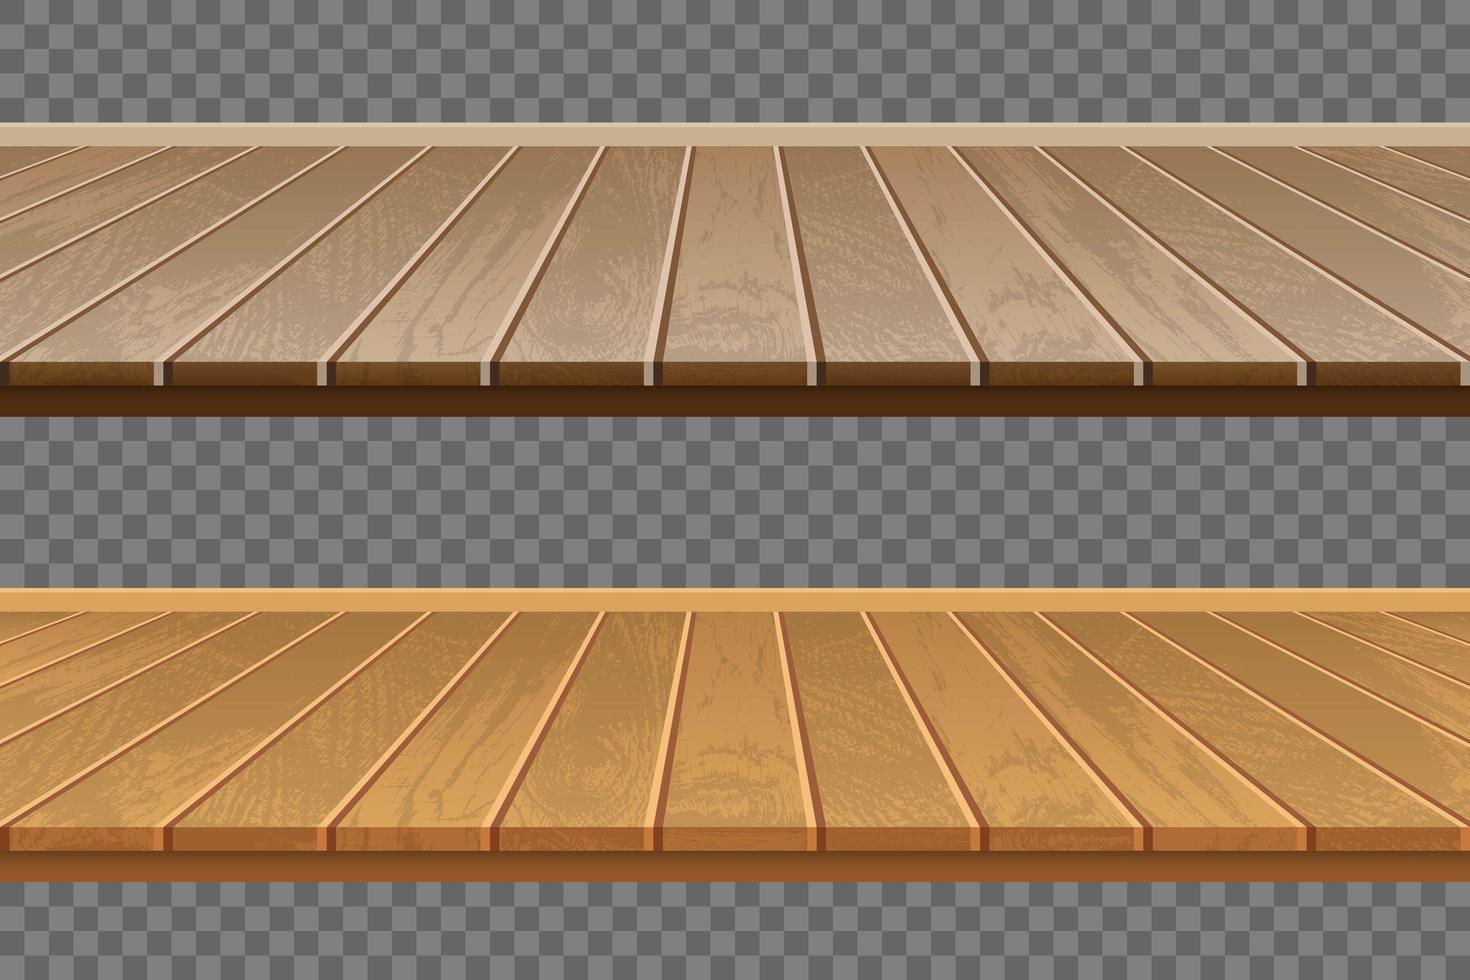 realistische houten vloer set vector